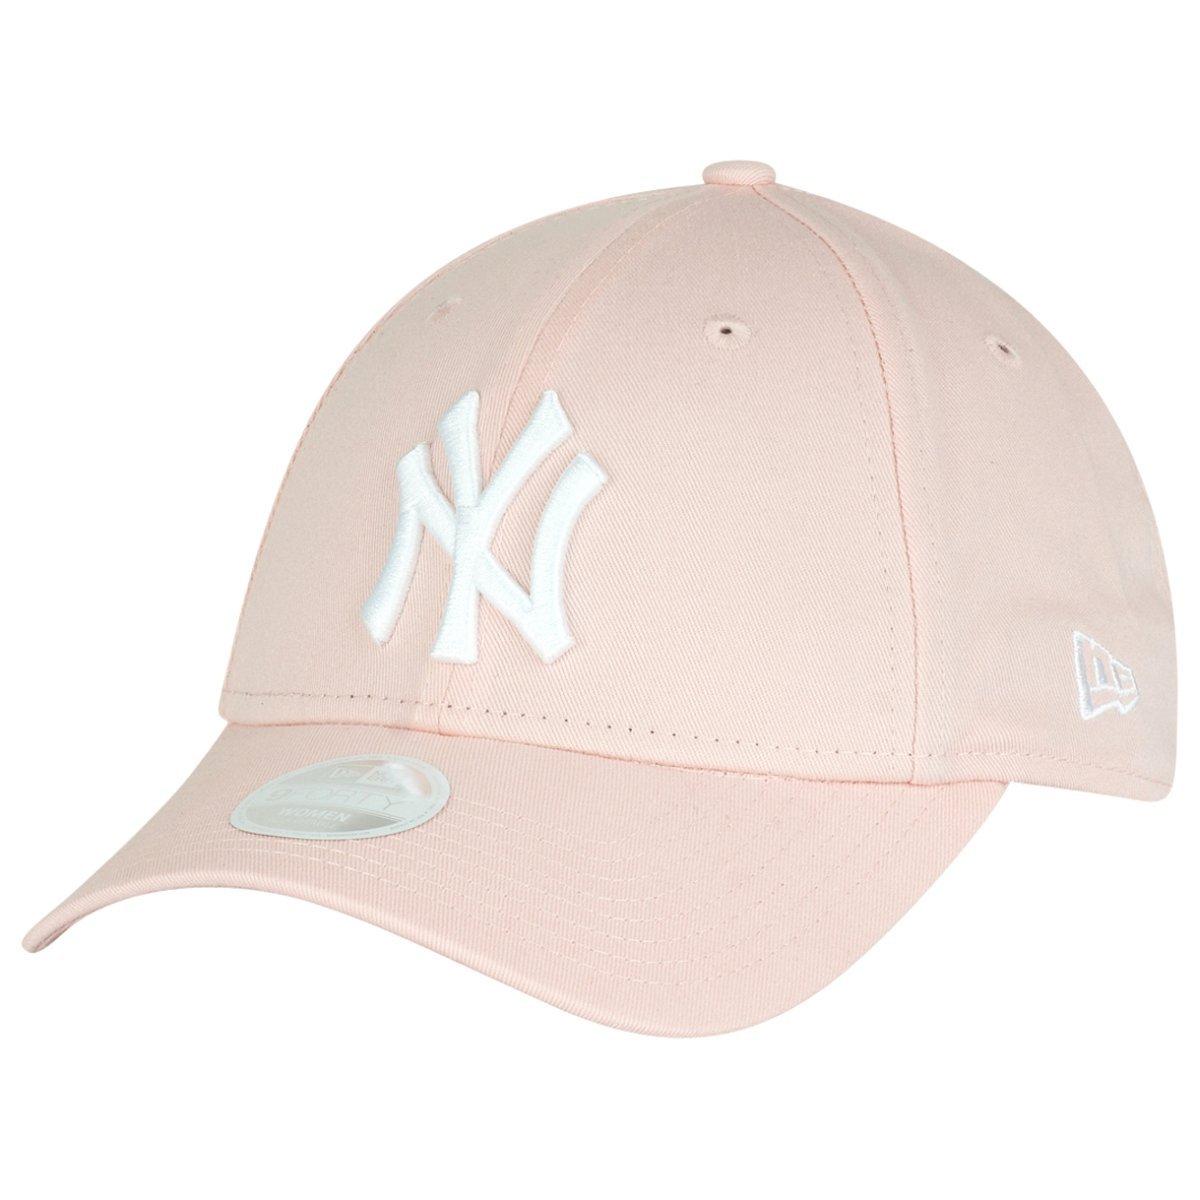 17af899ec49ec ... wholesale new era 9forty damen cap new york yankees hellpink 32e71 5b4e6